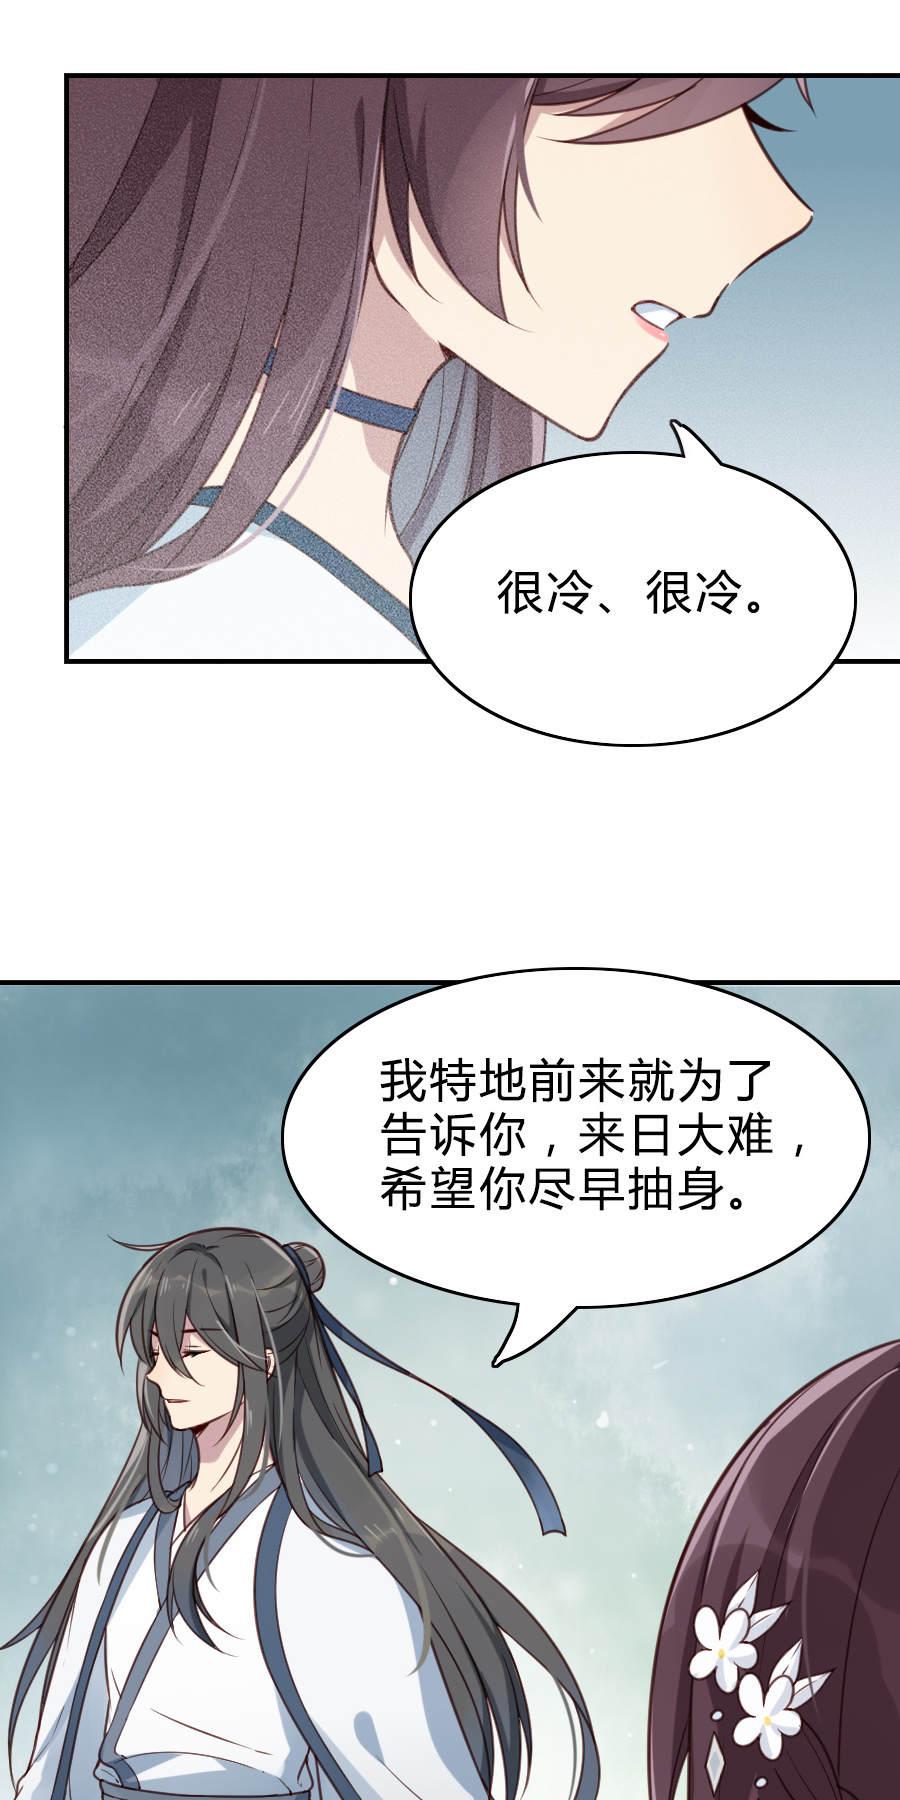 少年游第30话  红灯笼红 浮生皆苦(万圣节福利) 第 16